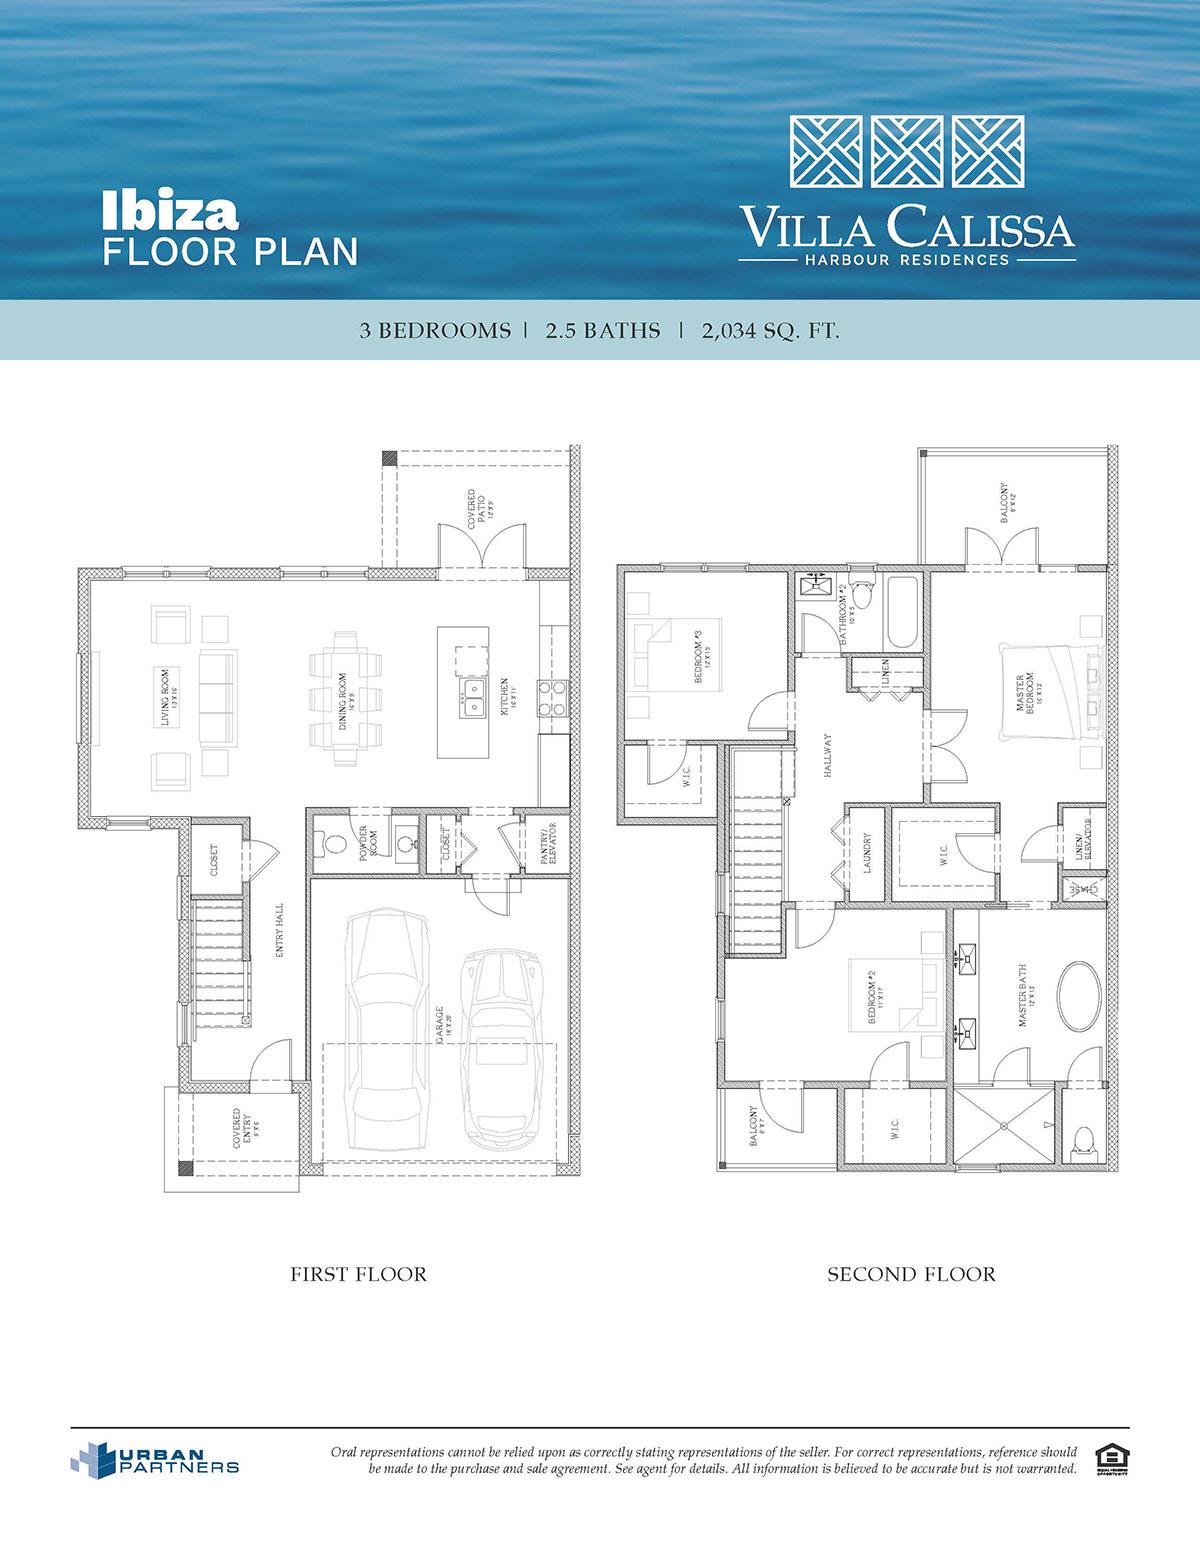 Ibiza floorplan at Villa Calissa